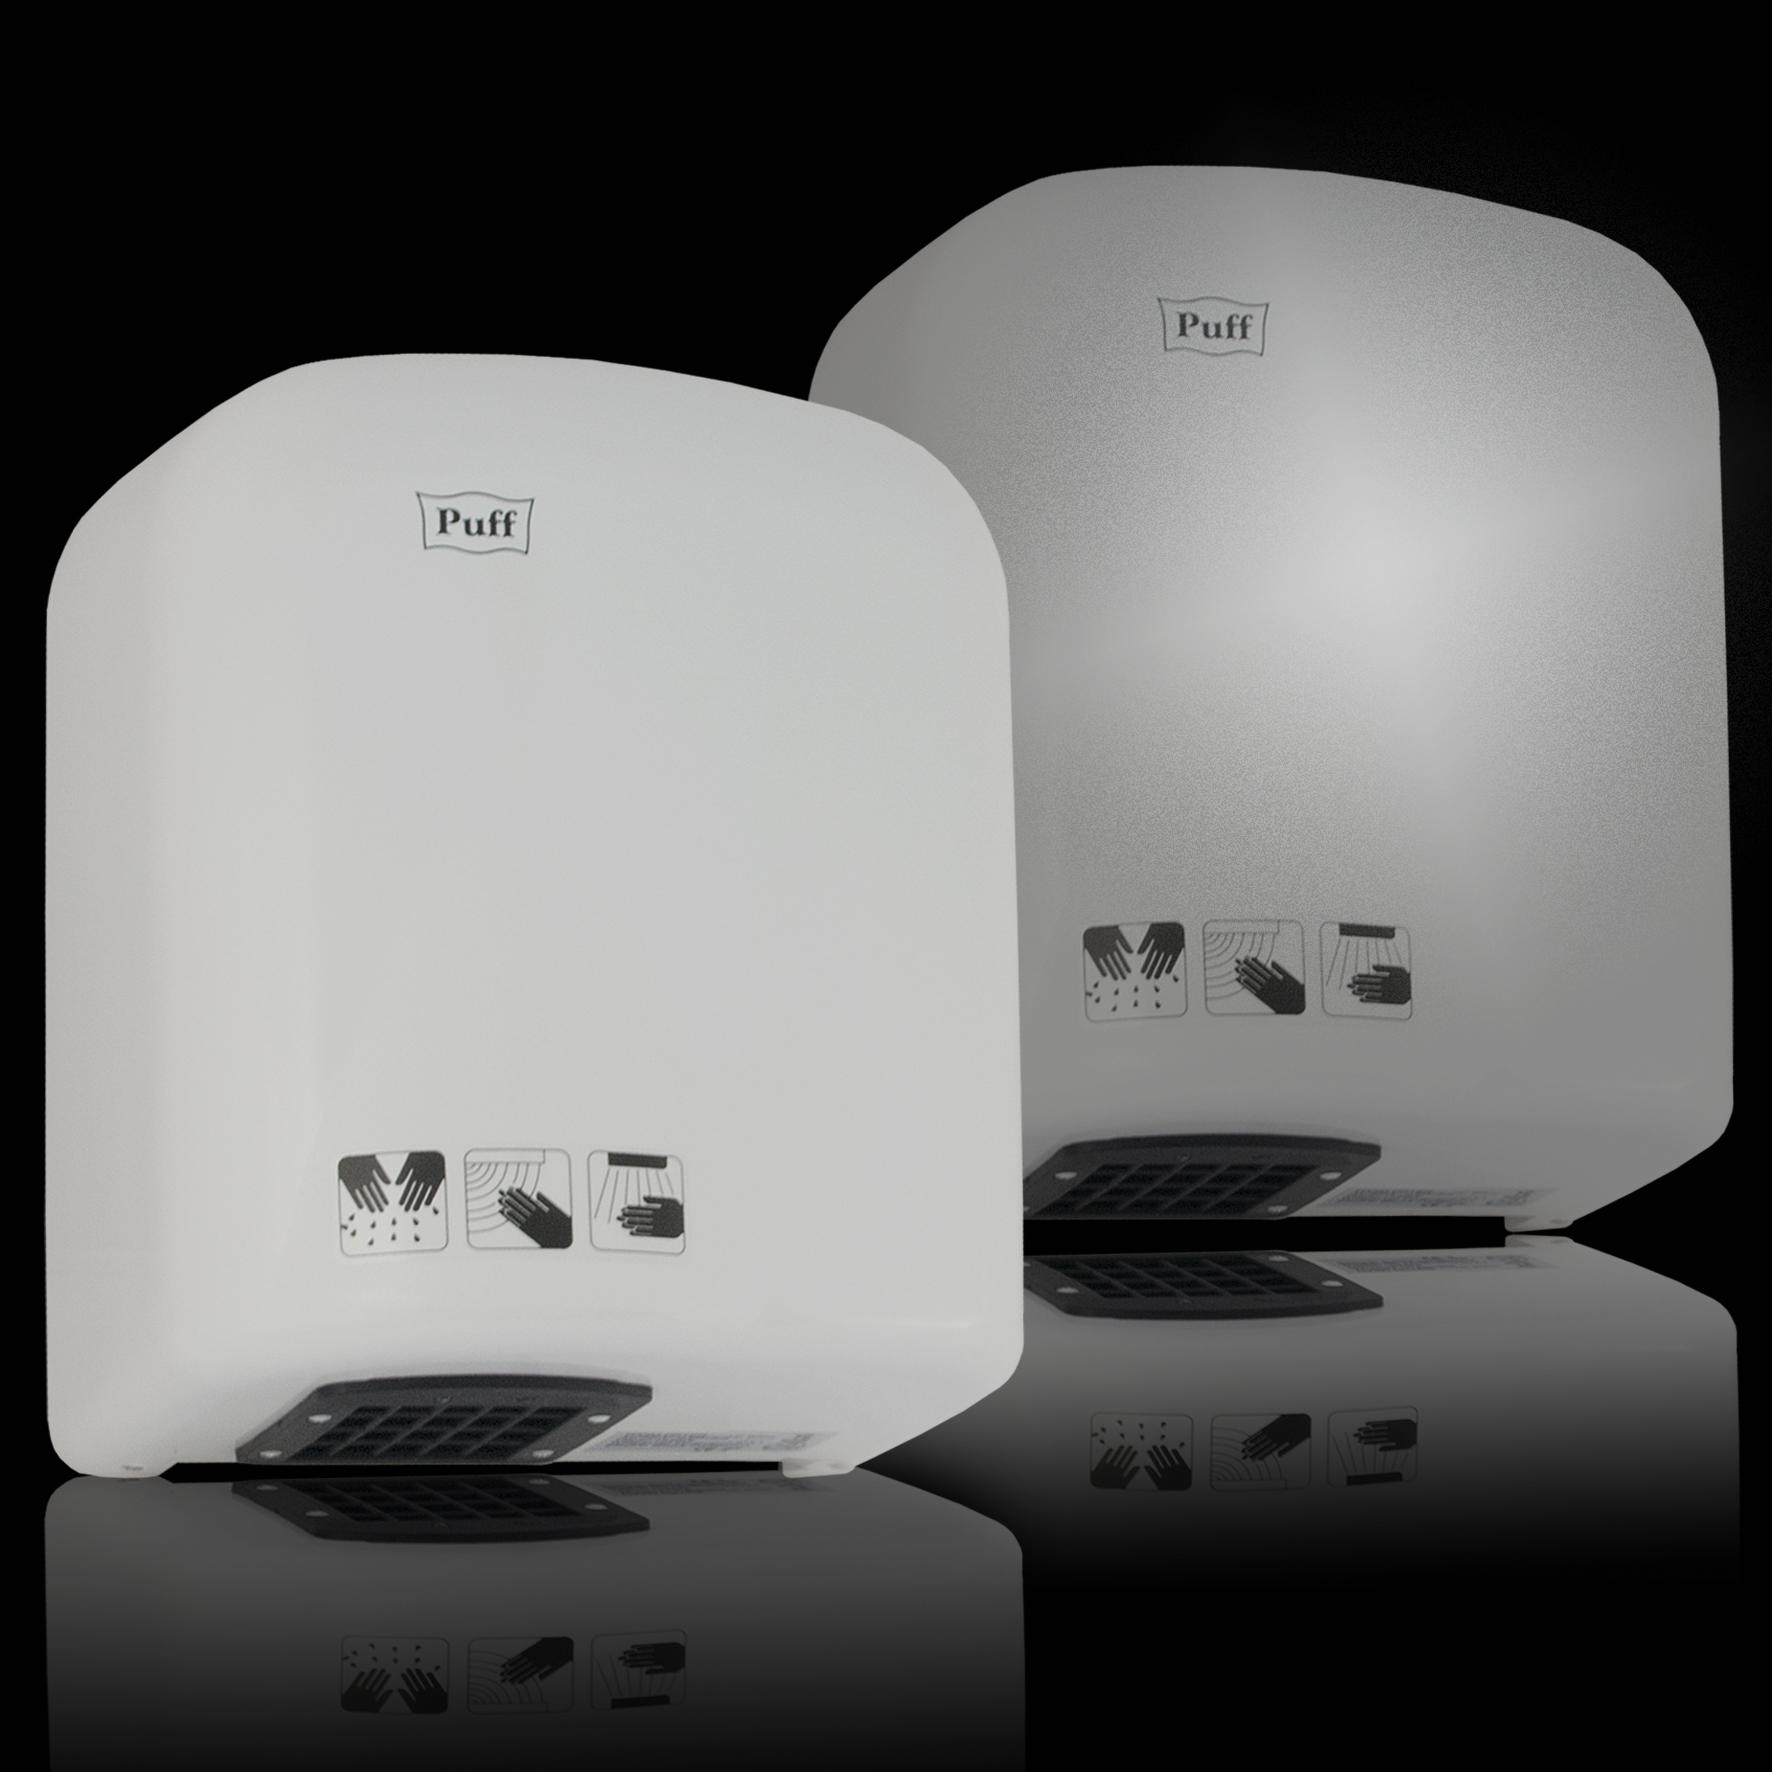 Тихая сушка для рукPuff-165/165С Подробнее   Одна из самых популярных сушилок в своем классе. Состоит из одних преимуществ. Беспроигрышный вариант для мест со средней и малой проходимостью. Выполнена в двух цветах - в белом и в хроме.     Материал корпуса: ABC-платикЦвет: Белый / хромМощность (Вт): 1650Скорость воздушного потока (м/сек): 18Время сушки рук (сек): 10-12Механизм включения: автоматическийОбласть срабатывания сенсора, см: 5-20Уровень шума, дБ: 60Температура воздушного потока, С: 40-55 °CКласс влагозащищенности: IPX1Защита от перегрева/перегрузки: даВес брутто/нетто, кг: 2,6/2,4Габаритные размеры (мм) (ШхГхВ): 225*160*280Гарантия: 12 мес.